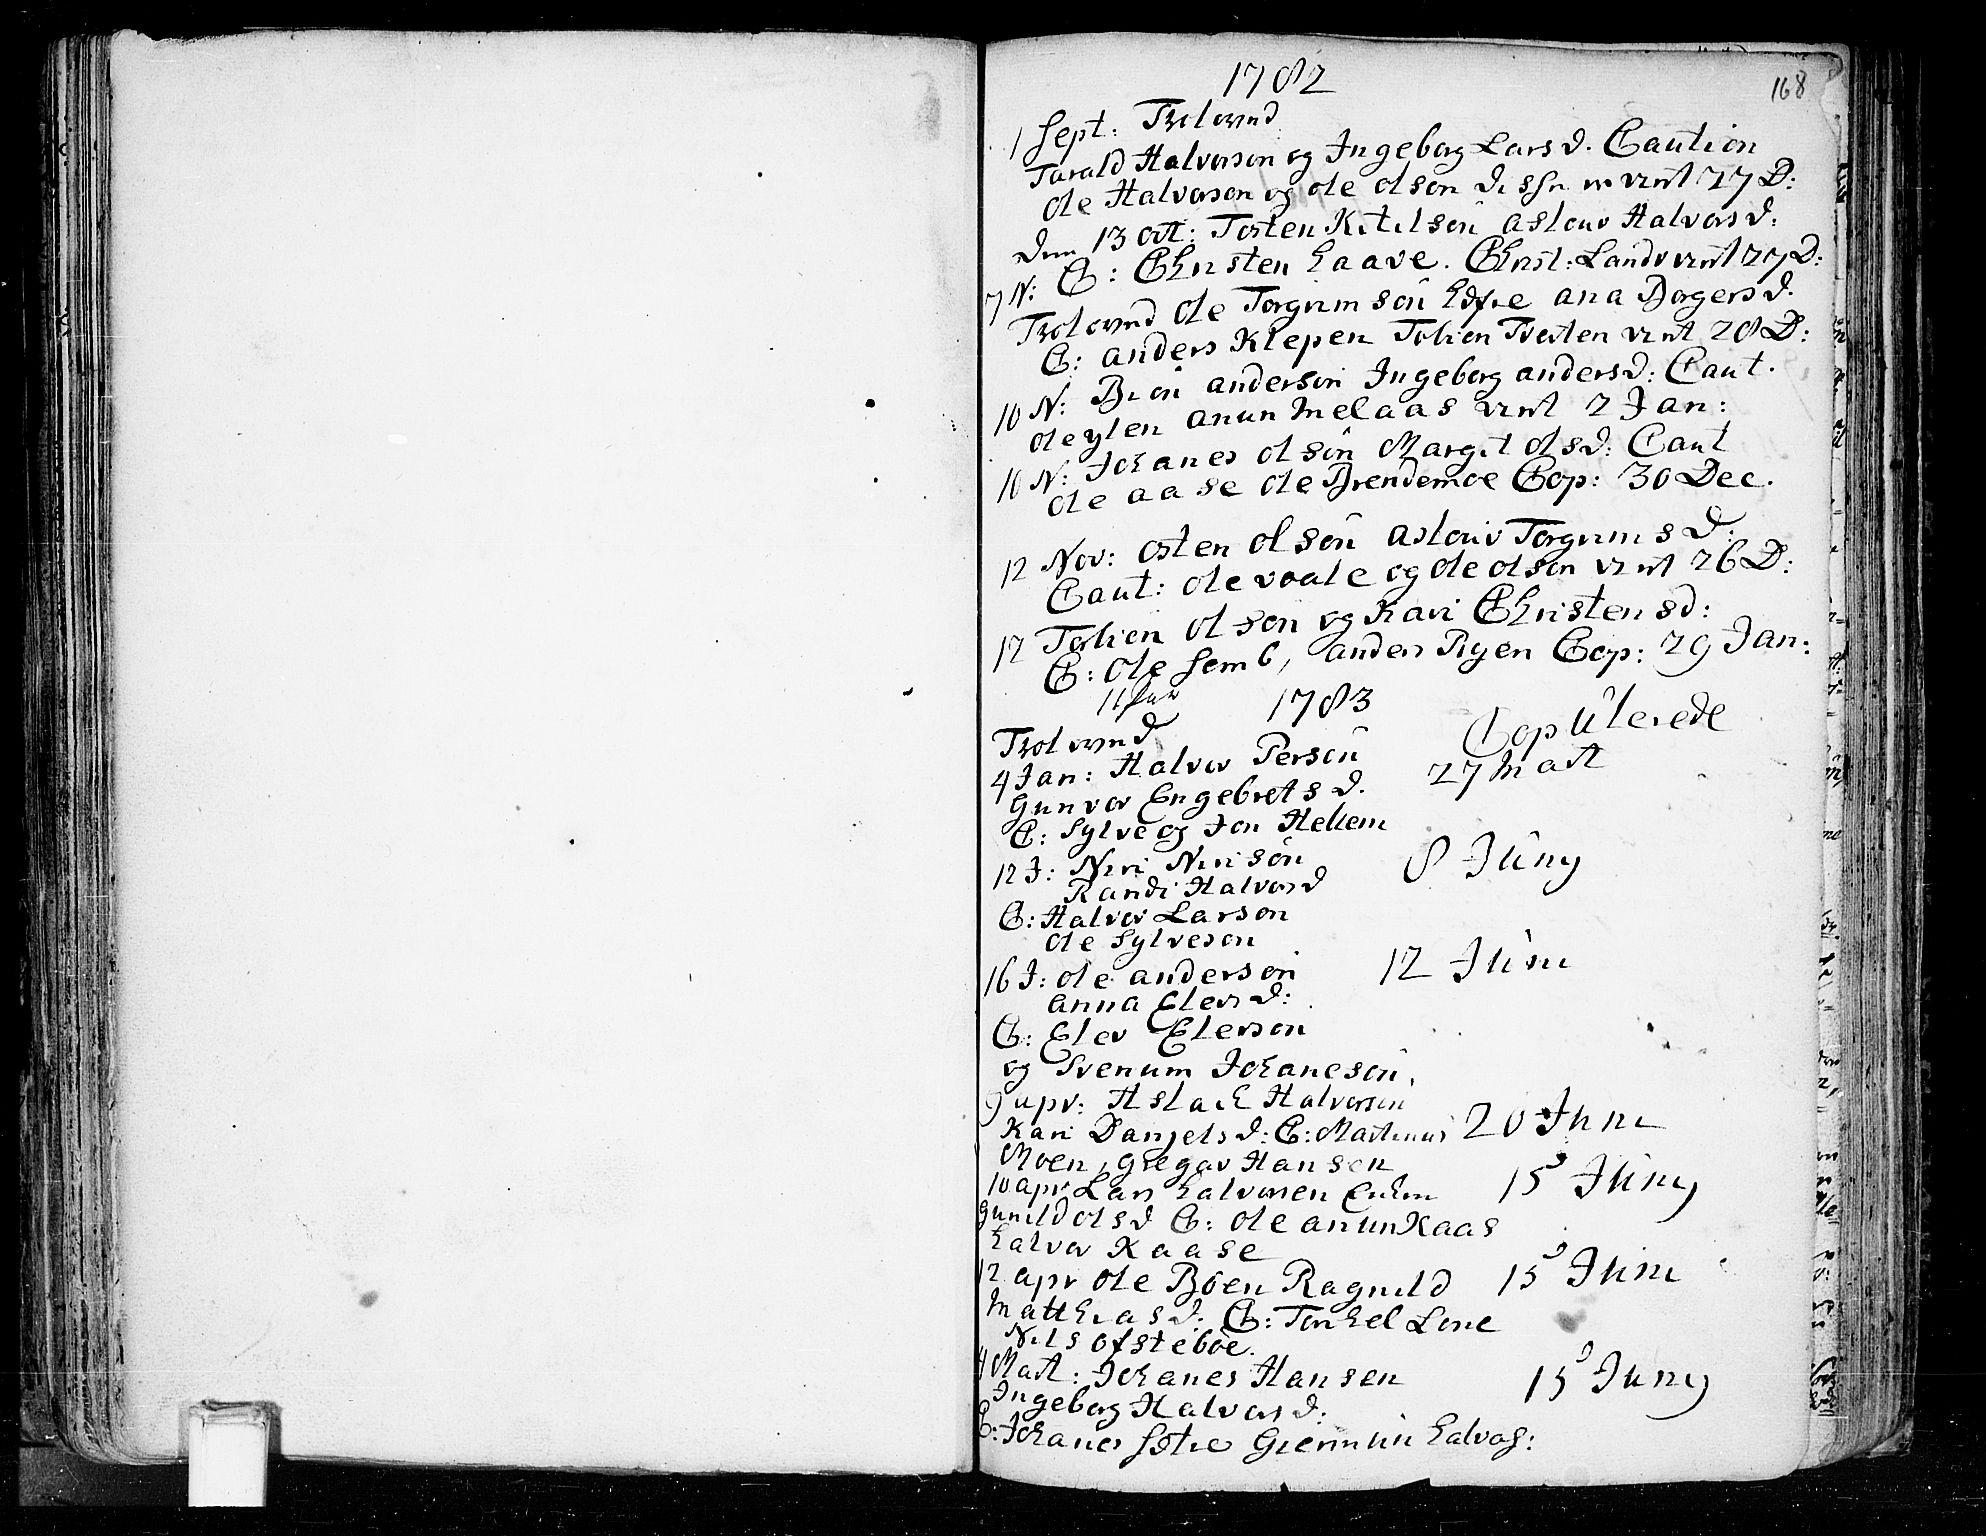 SAKO, Heddal kirkebøker, F/Fa/L0003: Ministerialbok nr. I 3, 1723-1783, s. 168